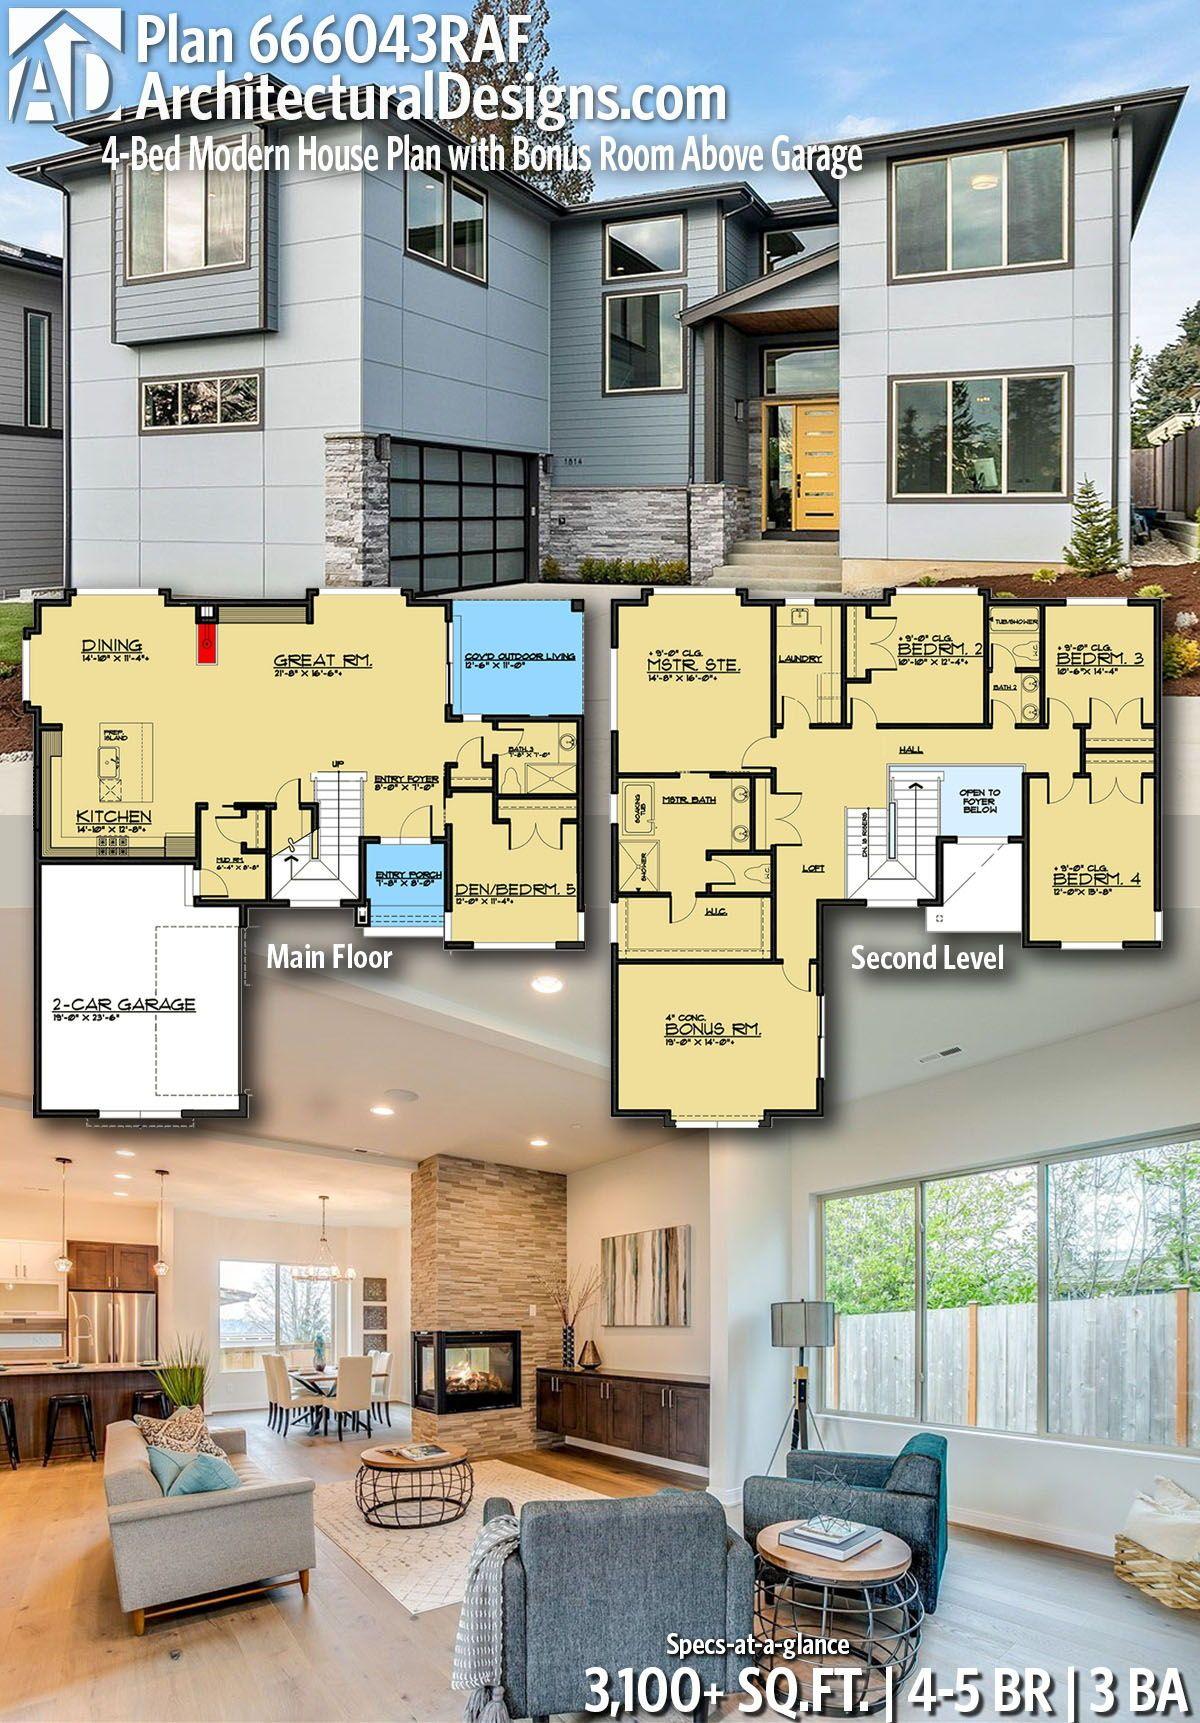 Plan 666043raf 4 Bed Modern House Plan With Bonus Room Above Garage House Plans Modern House Plan Modern House Plans